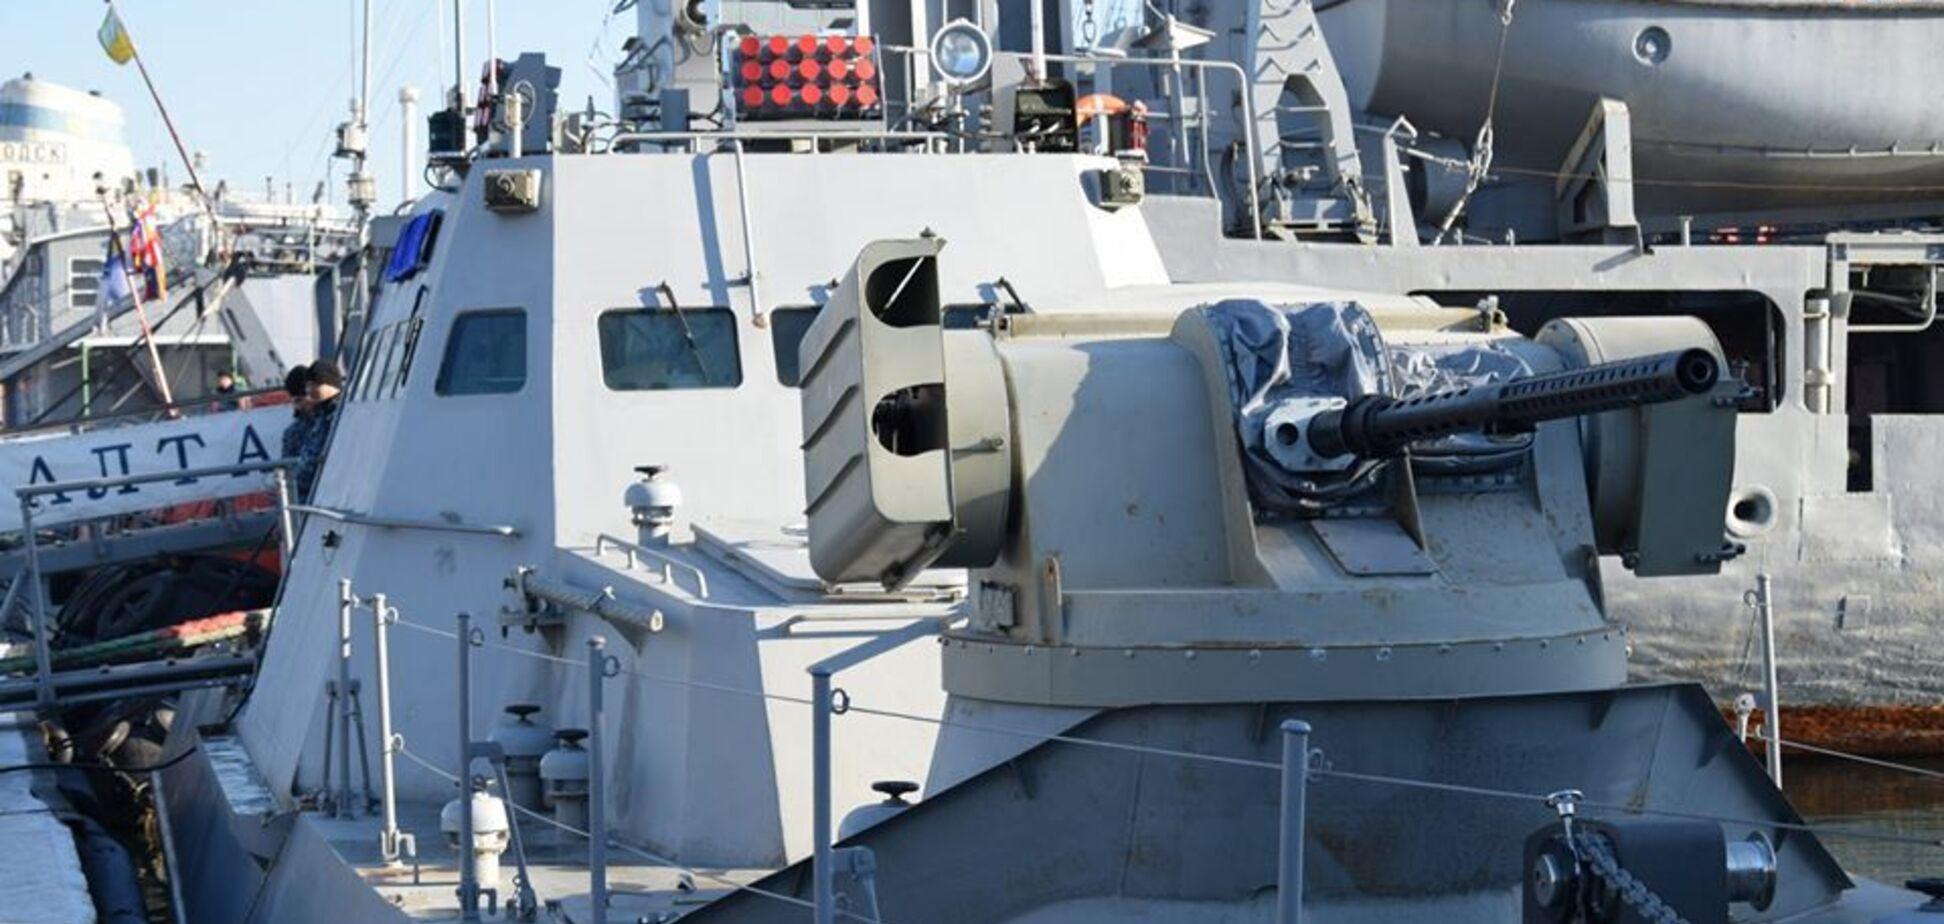 Пулеметы и ракеты: Украина усилила военную мощь в Азовском море